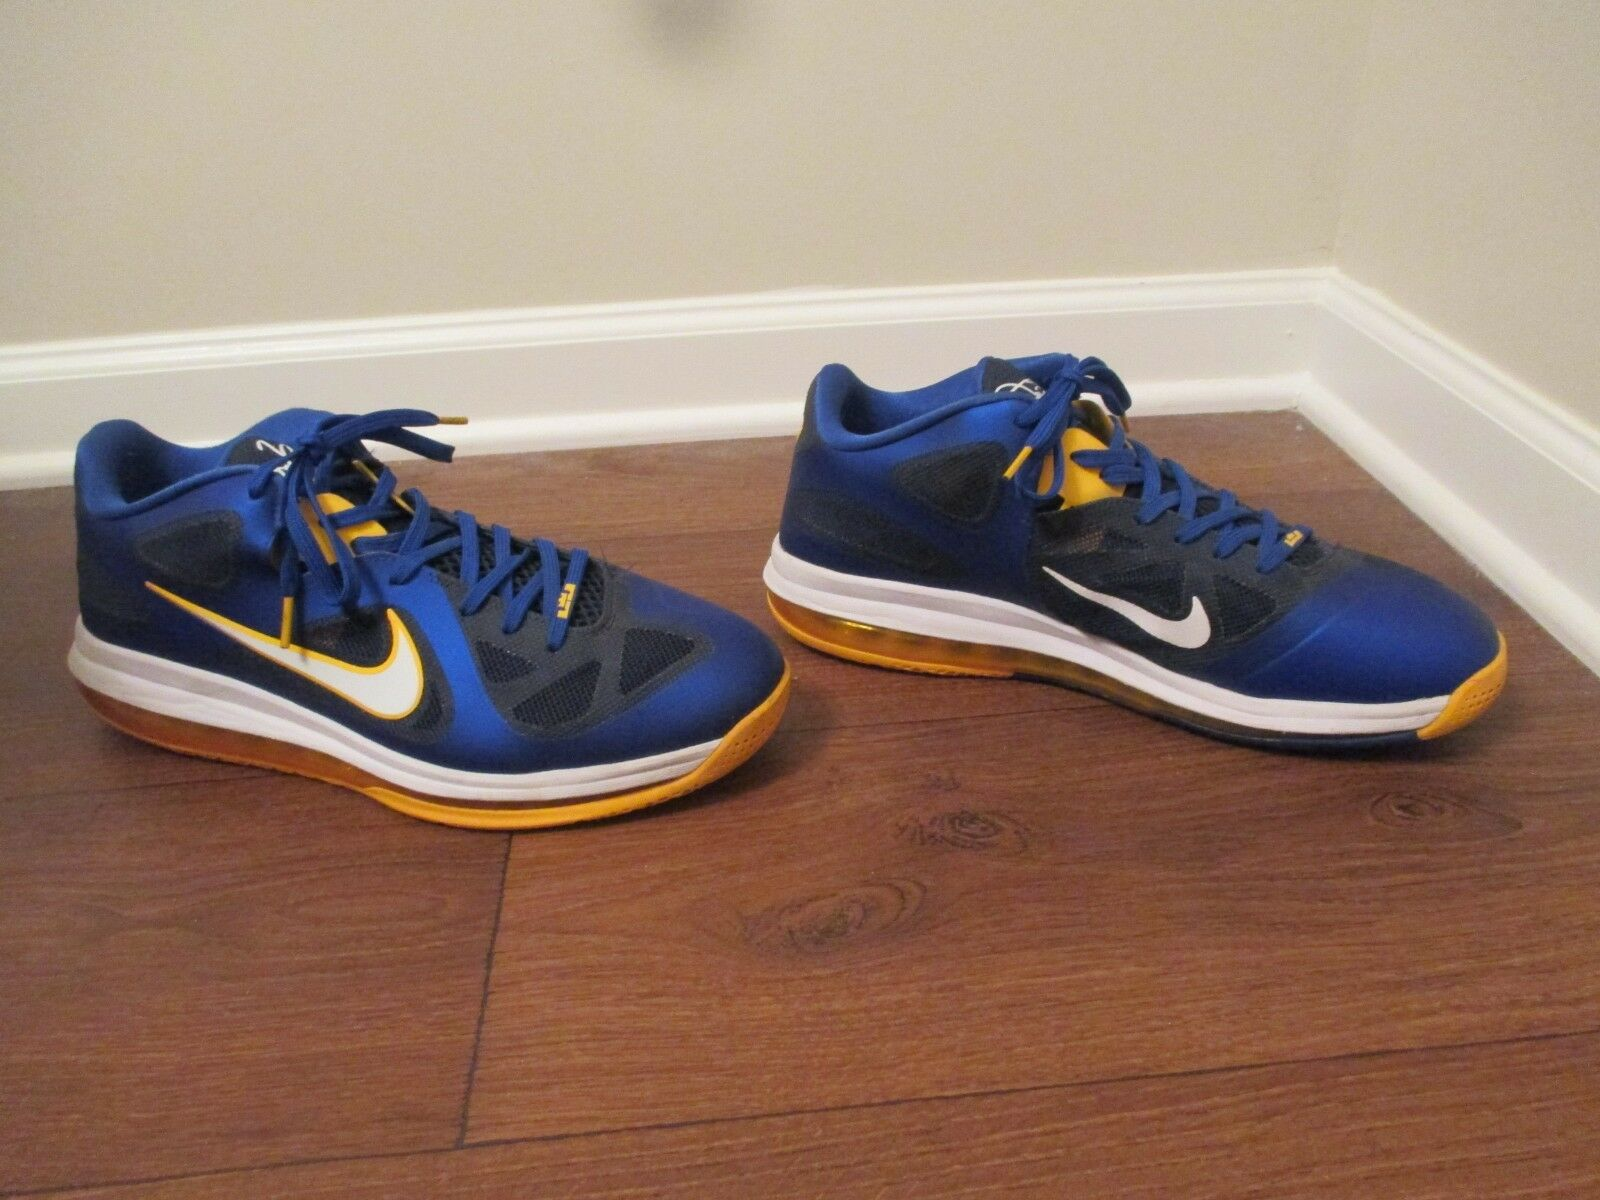 Used Worn Size 13 Nike LeBron IX Navy 9 Low Entourage Shoes Royal Gold Navy IX White af21d8